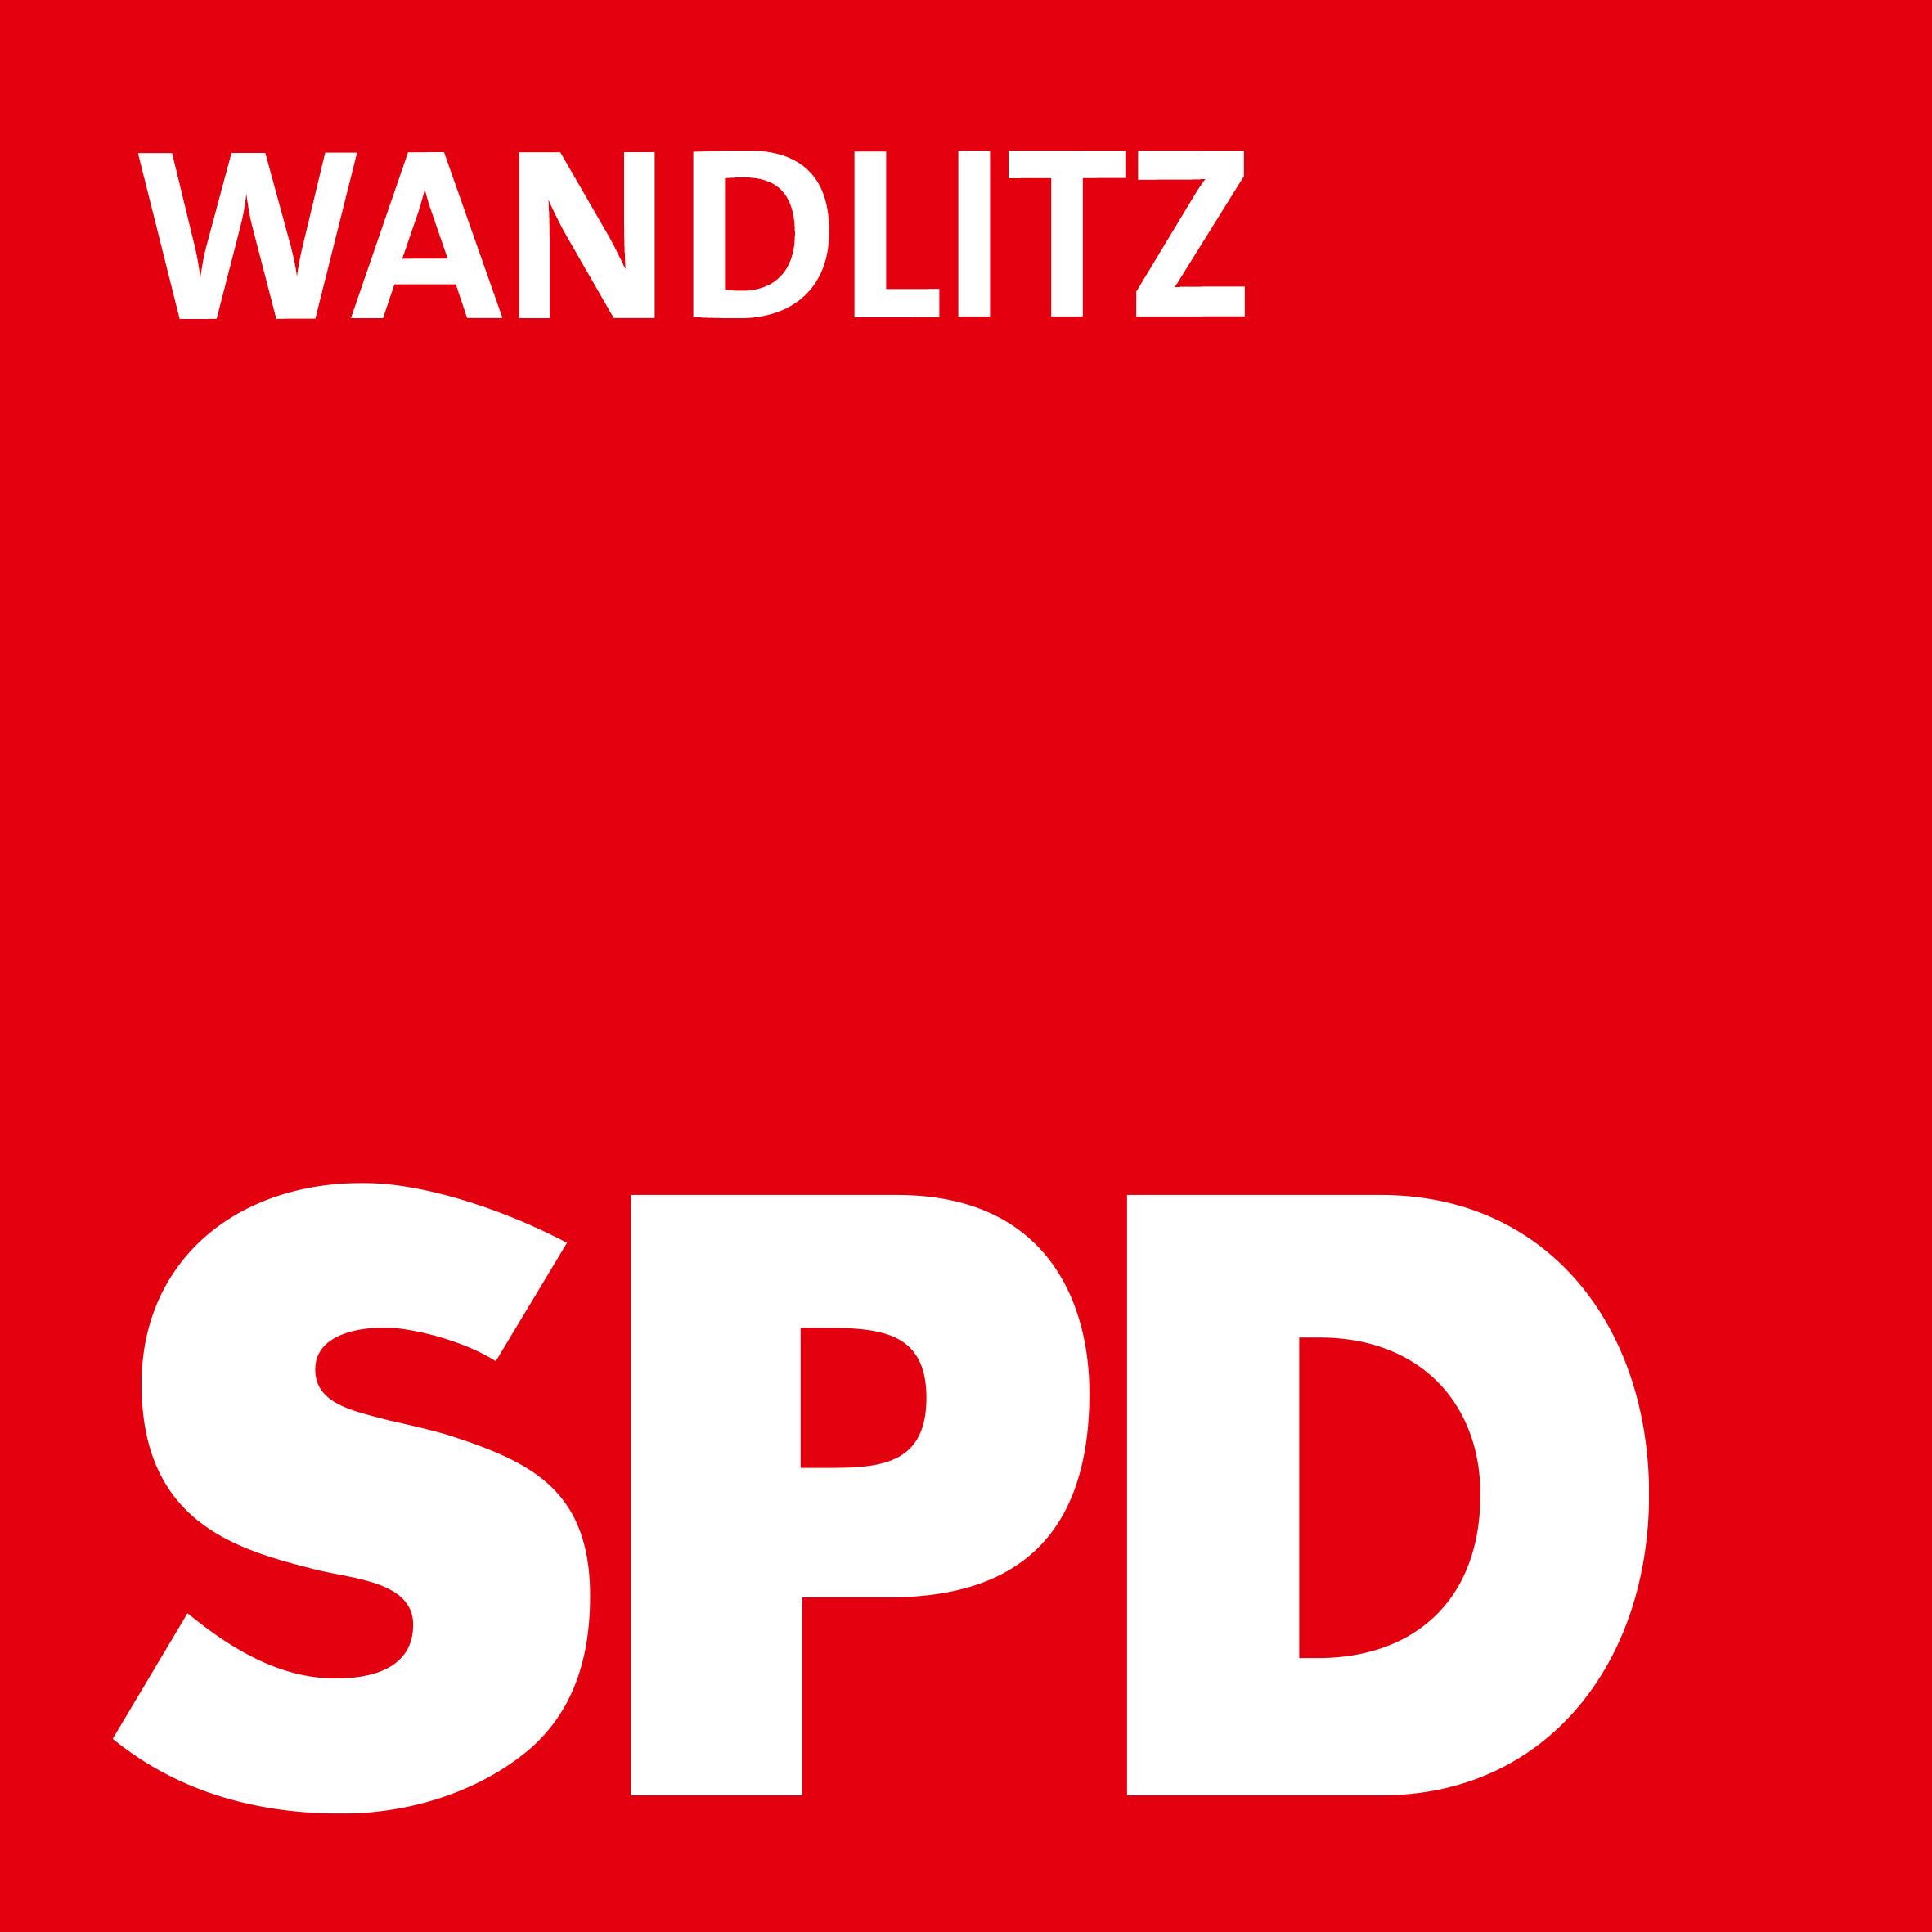 SPD Wandlitz